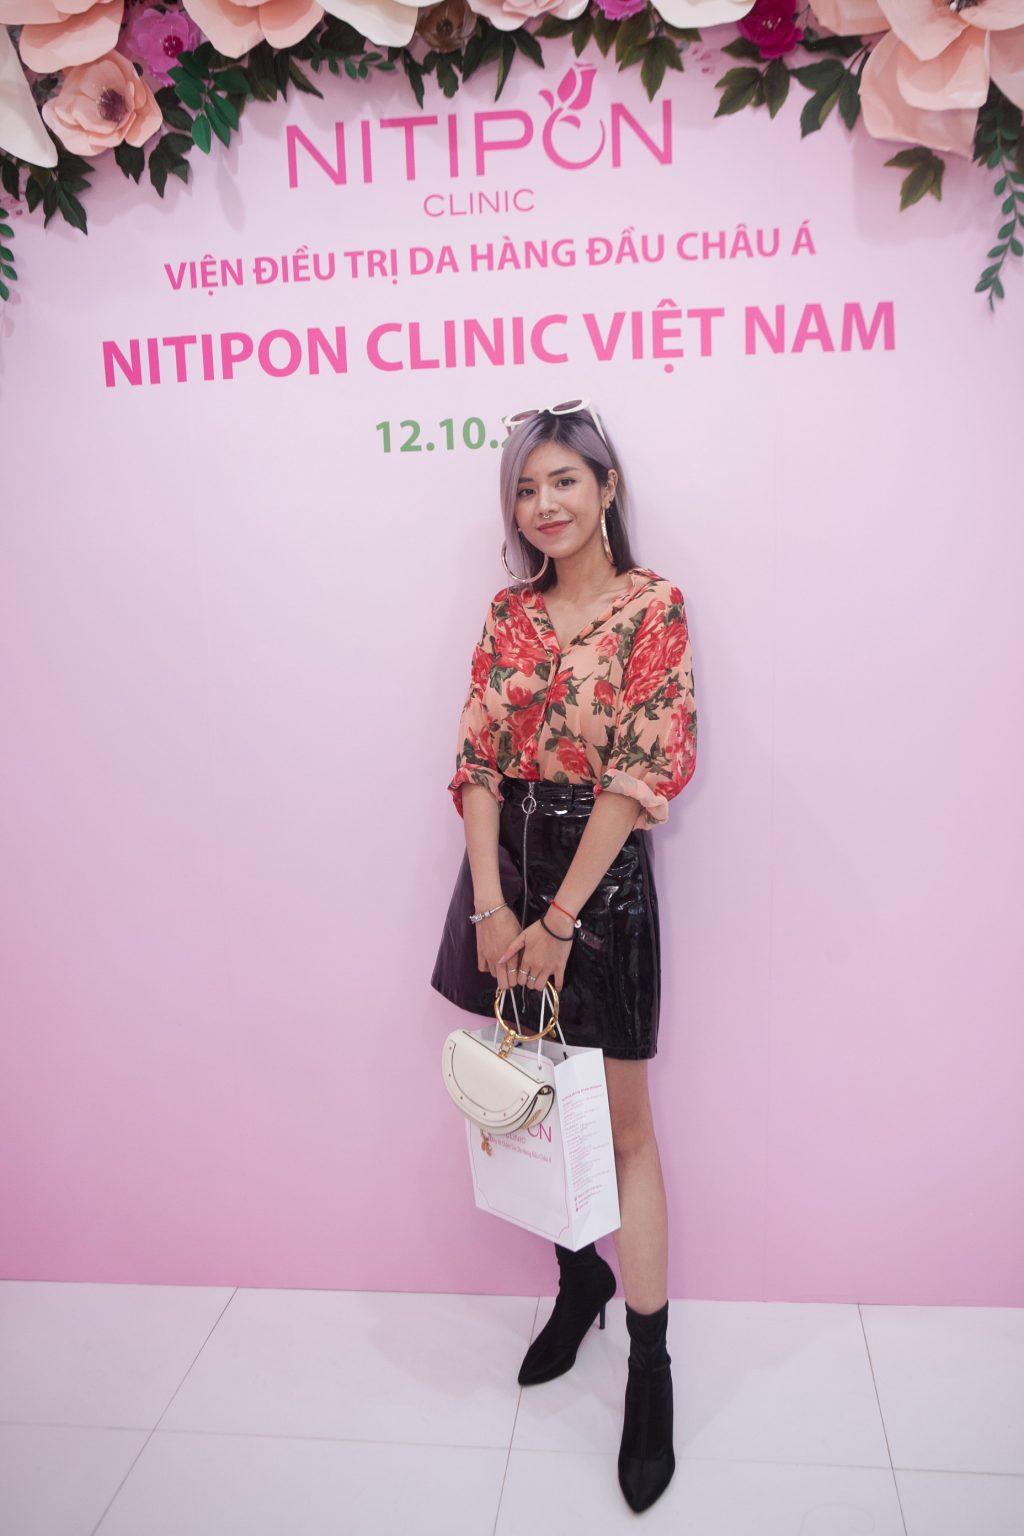 Nitipon Clinic - Viện điều trị da hàng đầu châu Á 6